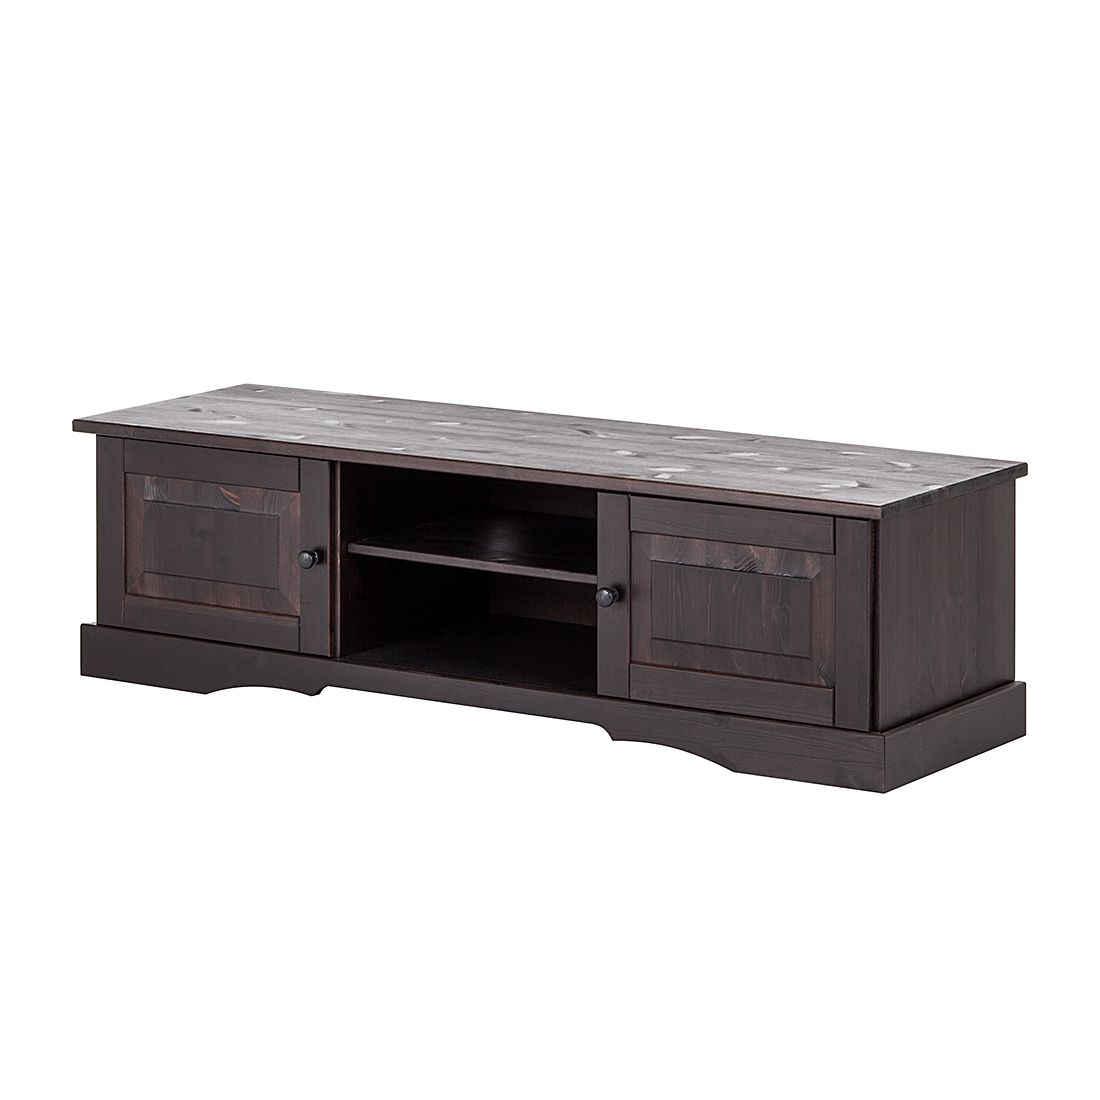 lowboard ivalo kiefer massiv havanna. Black Bedroom Furniture Sets. Home Design Ideas